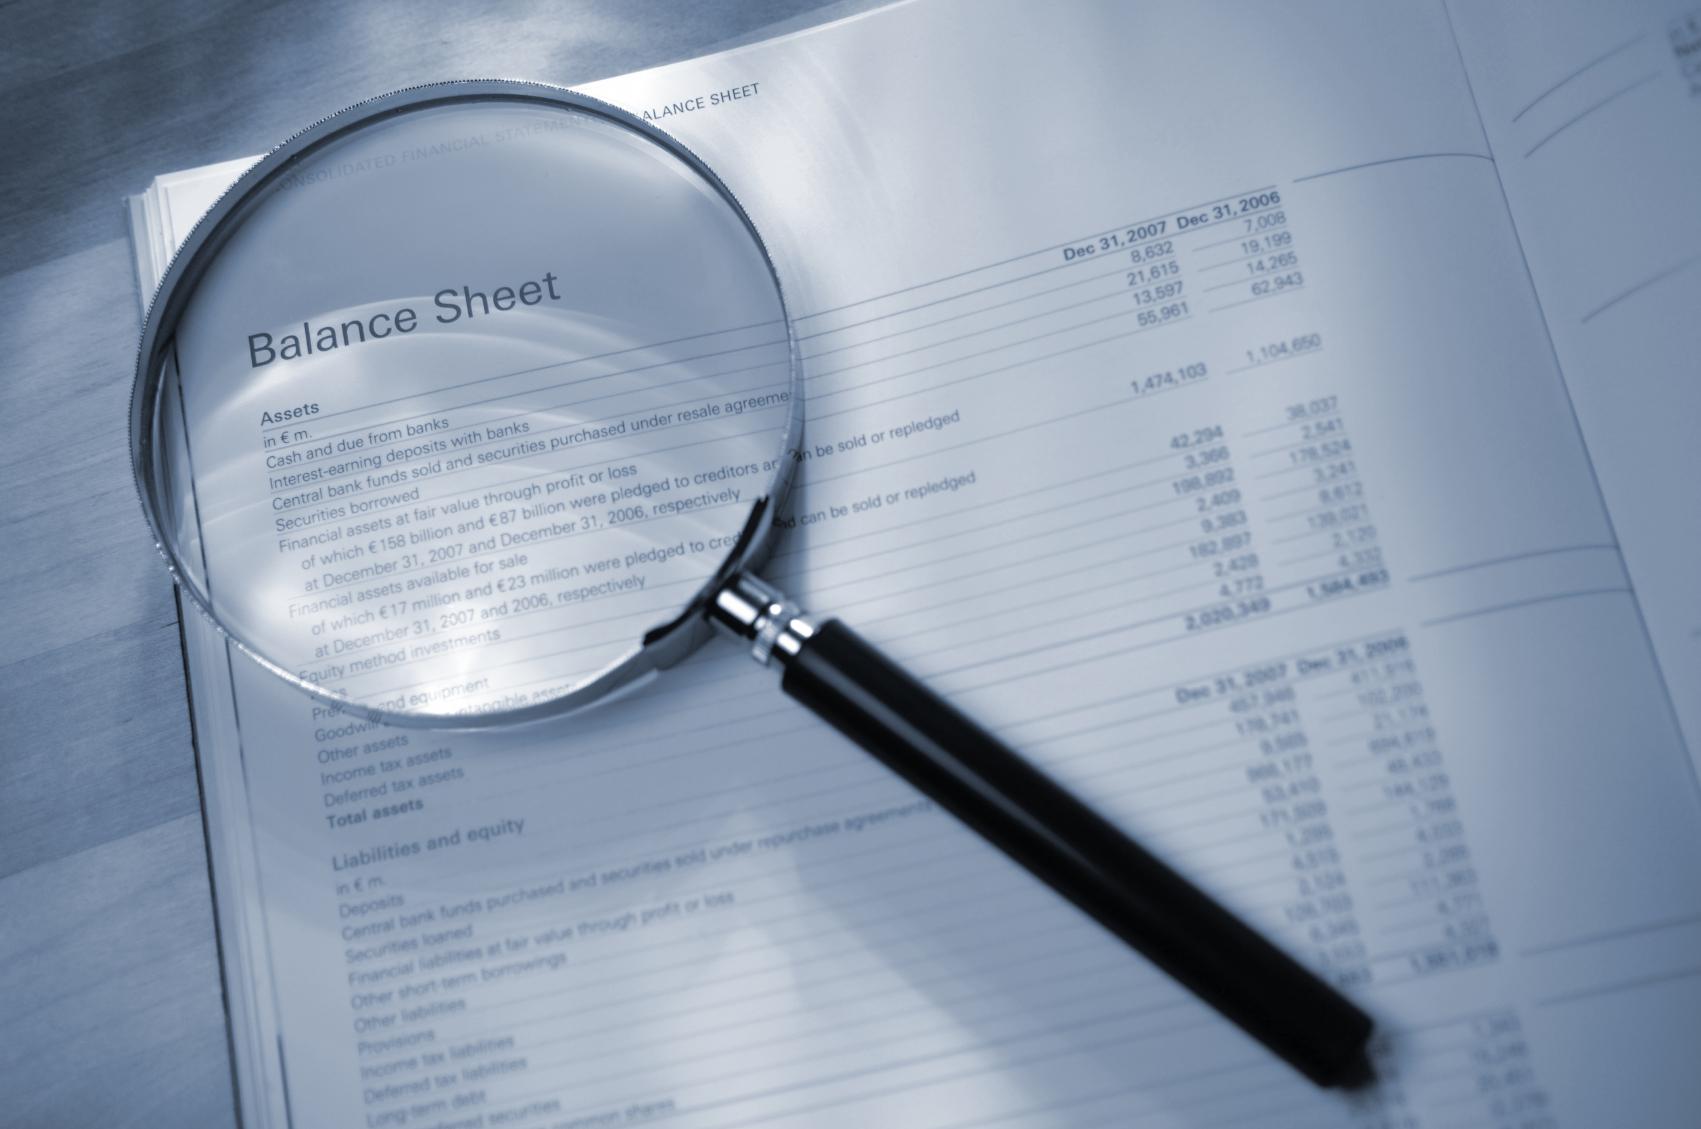 balance sheet free download